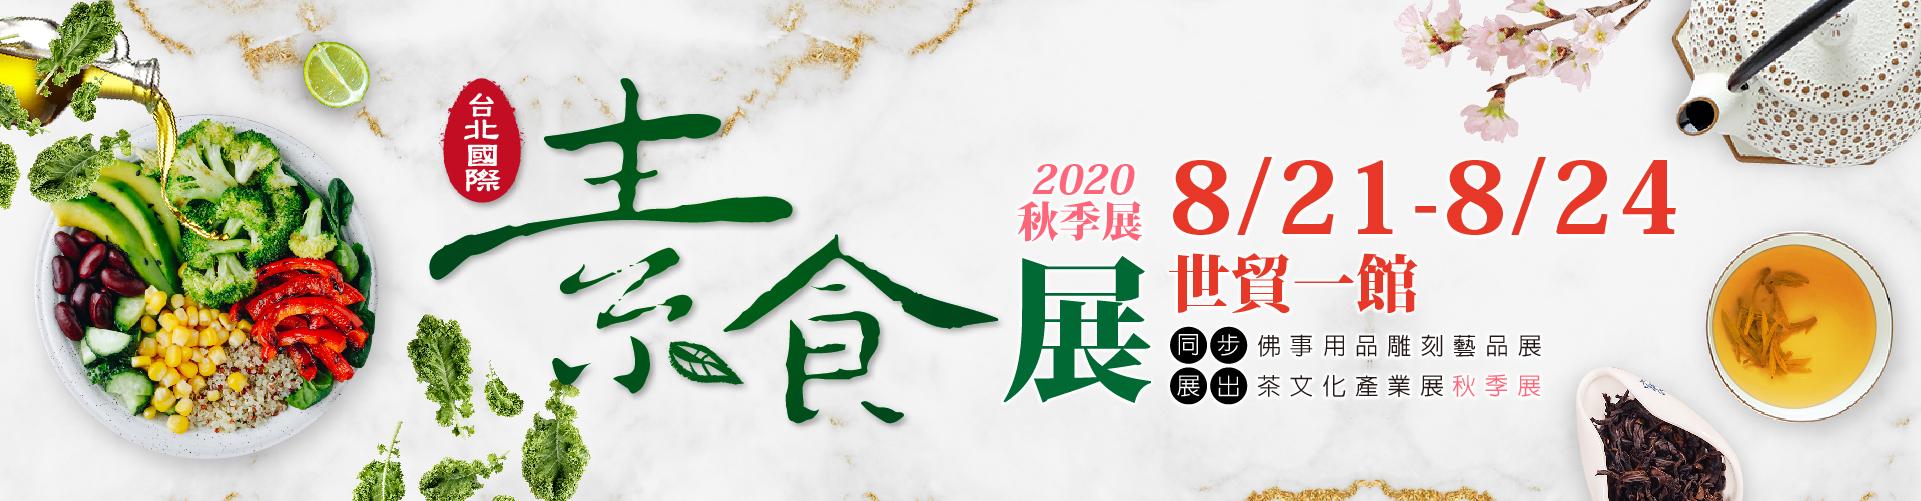 2020台北國際素食養生展(秋季展)